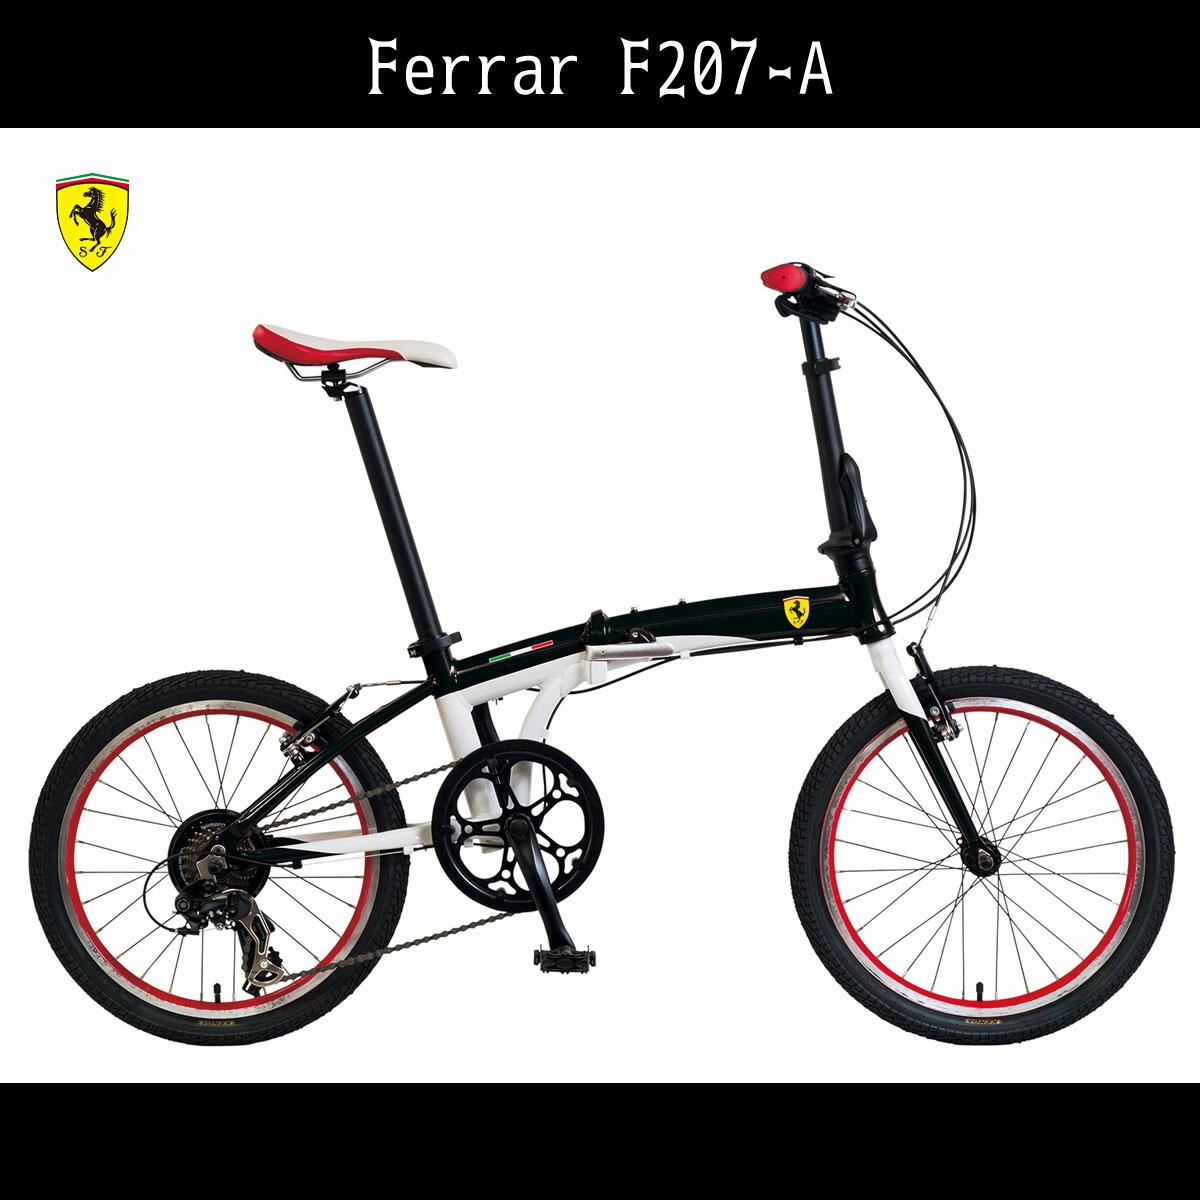 折りたたみ自転車 Ferrari フェラーリ 自転車 ブラック/黒20インチ 外装7段変速ギア 高さ調整機能付きアルミハンドルステム フェラーリ 折りたたみ自転車 F207-A アルミニウム